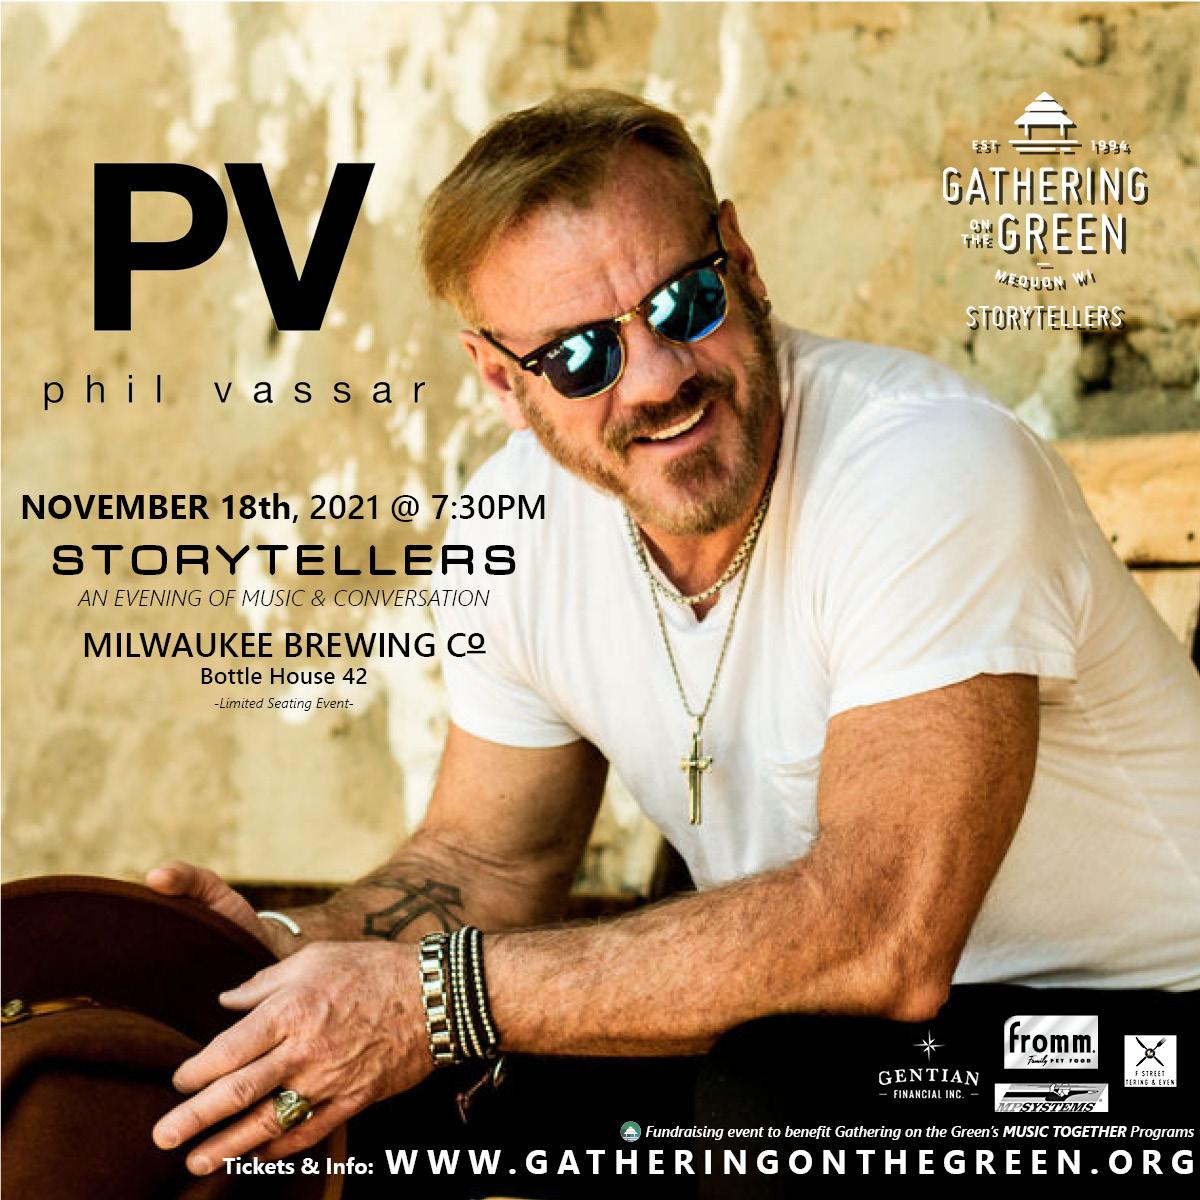 Phil Vassar_4x4_Gathering on the Green_Storytellers_2021_November